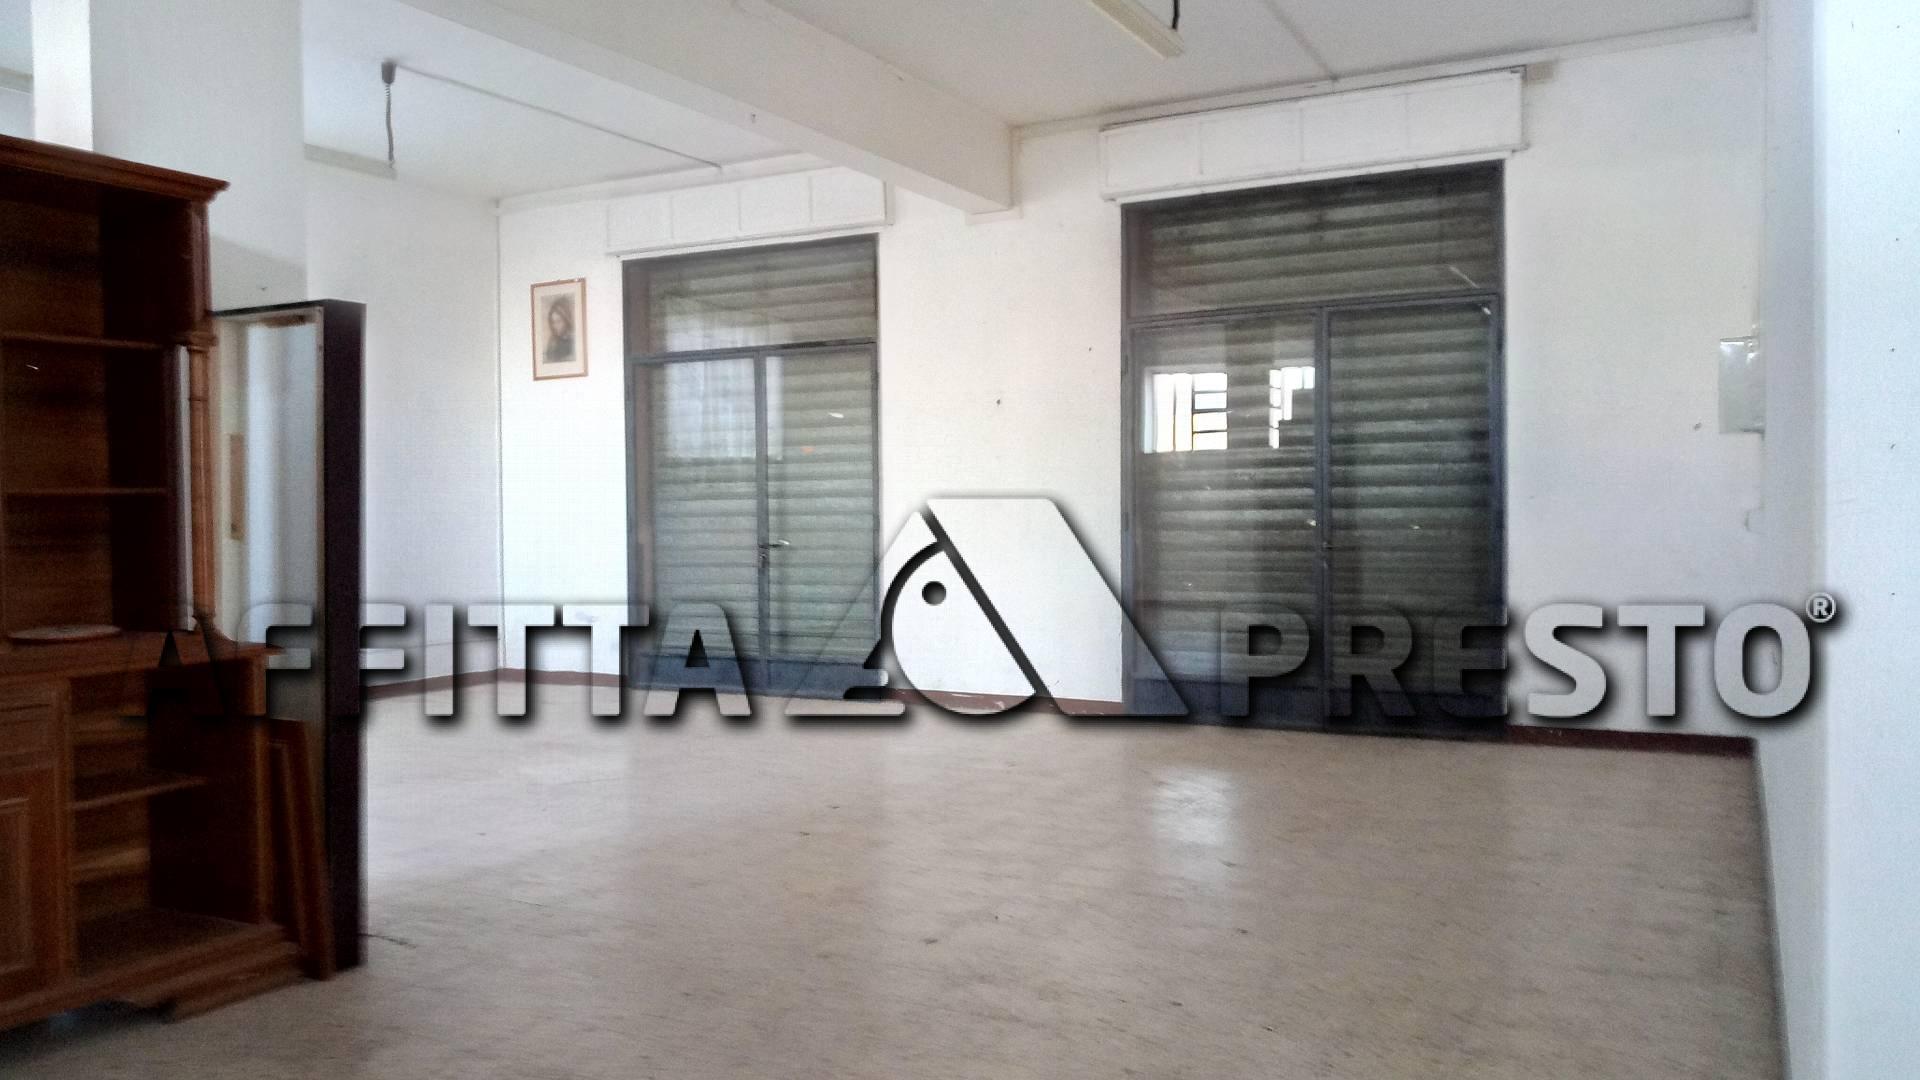 Attività / Licenza in affitto a Ponsacco, 9999 locali, prezzo € 700 | CambioCasa.it